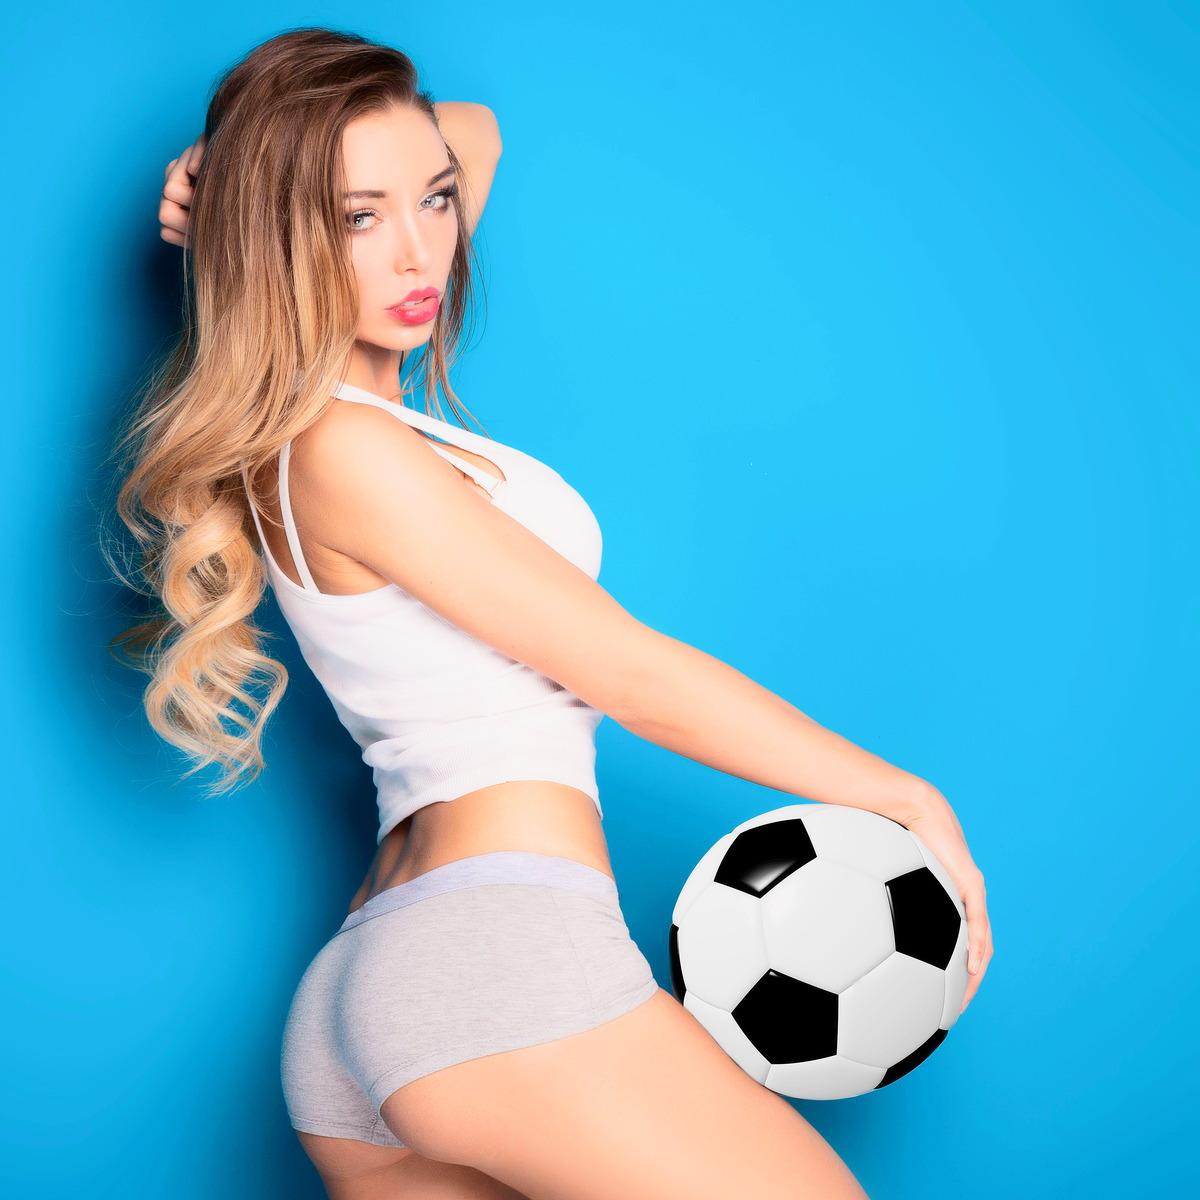 Heißes Mädel mit Fußball